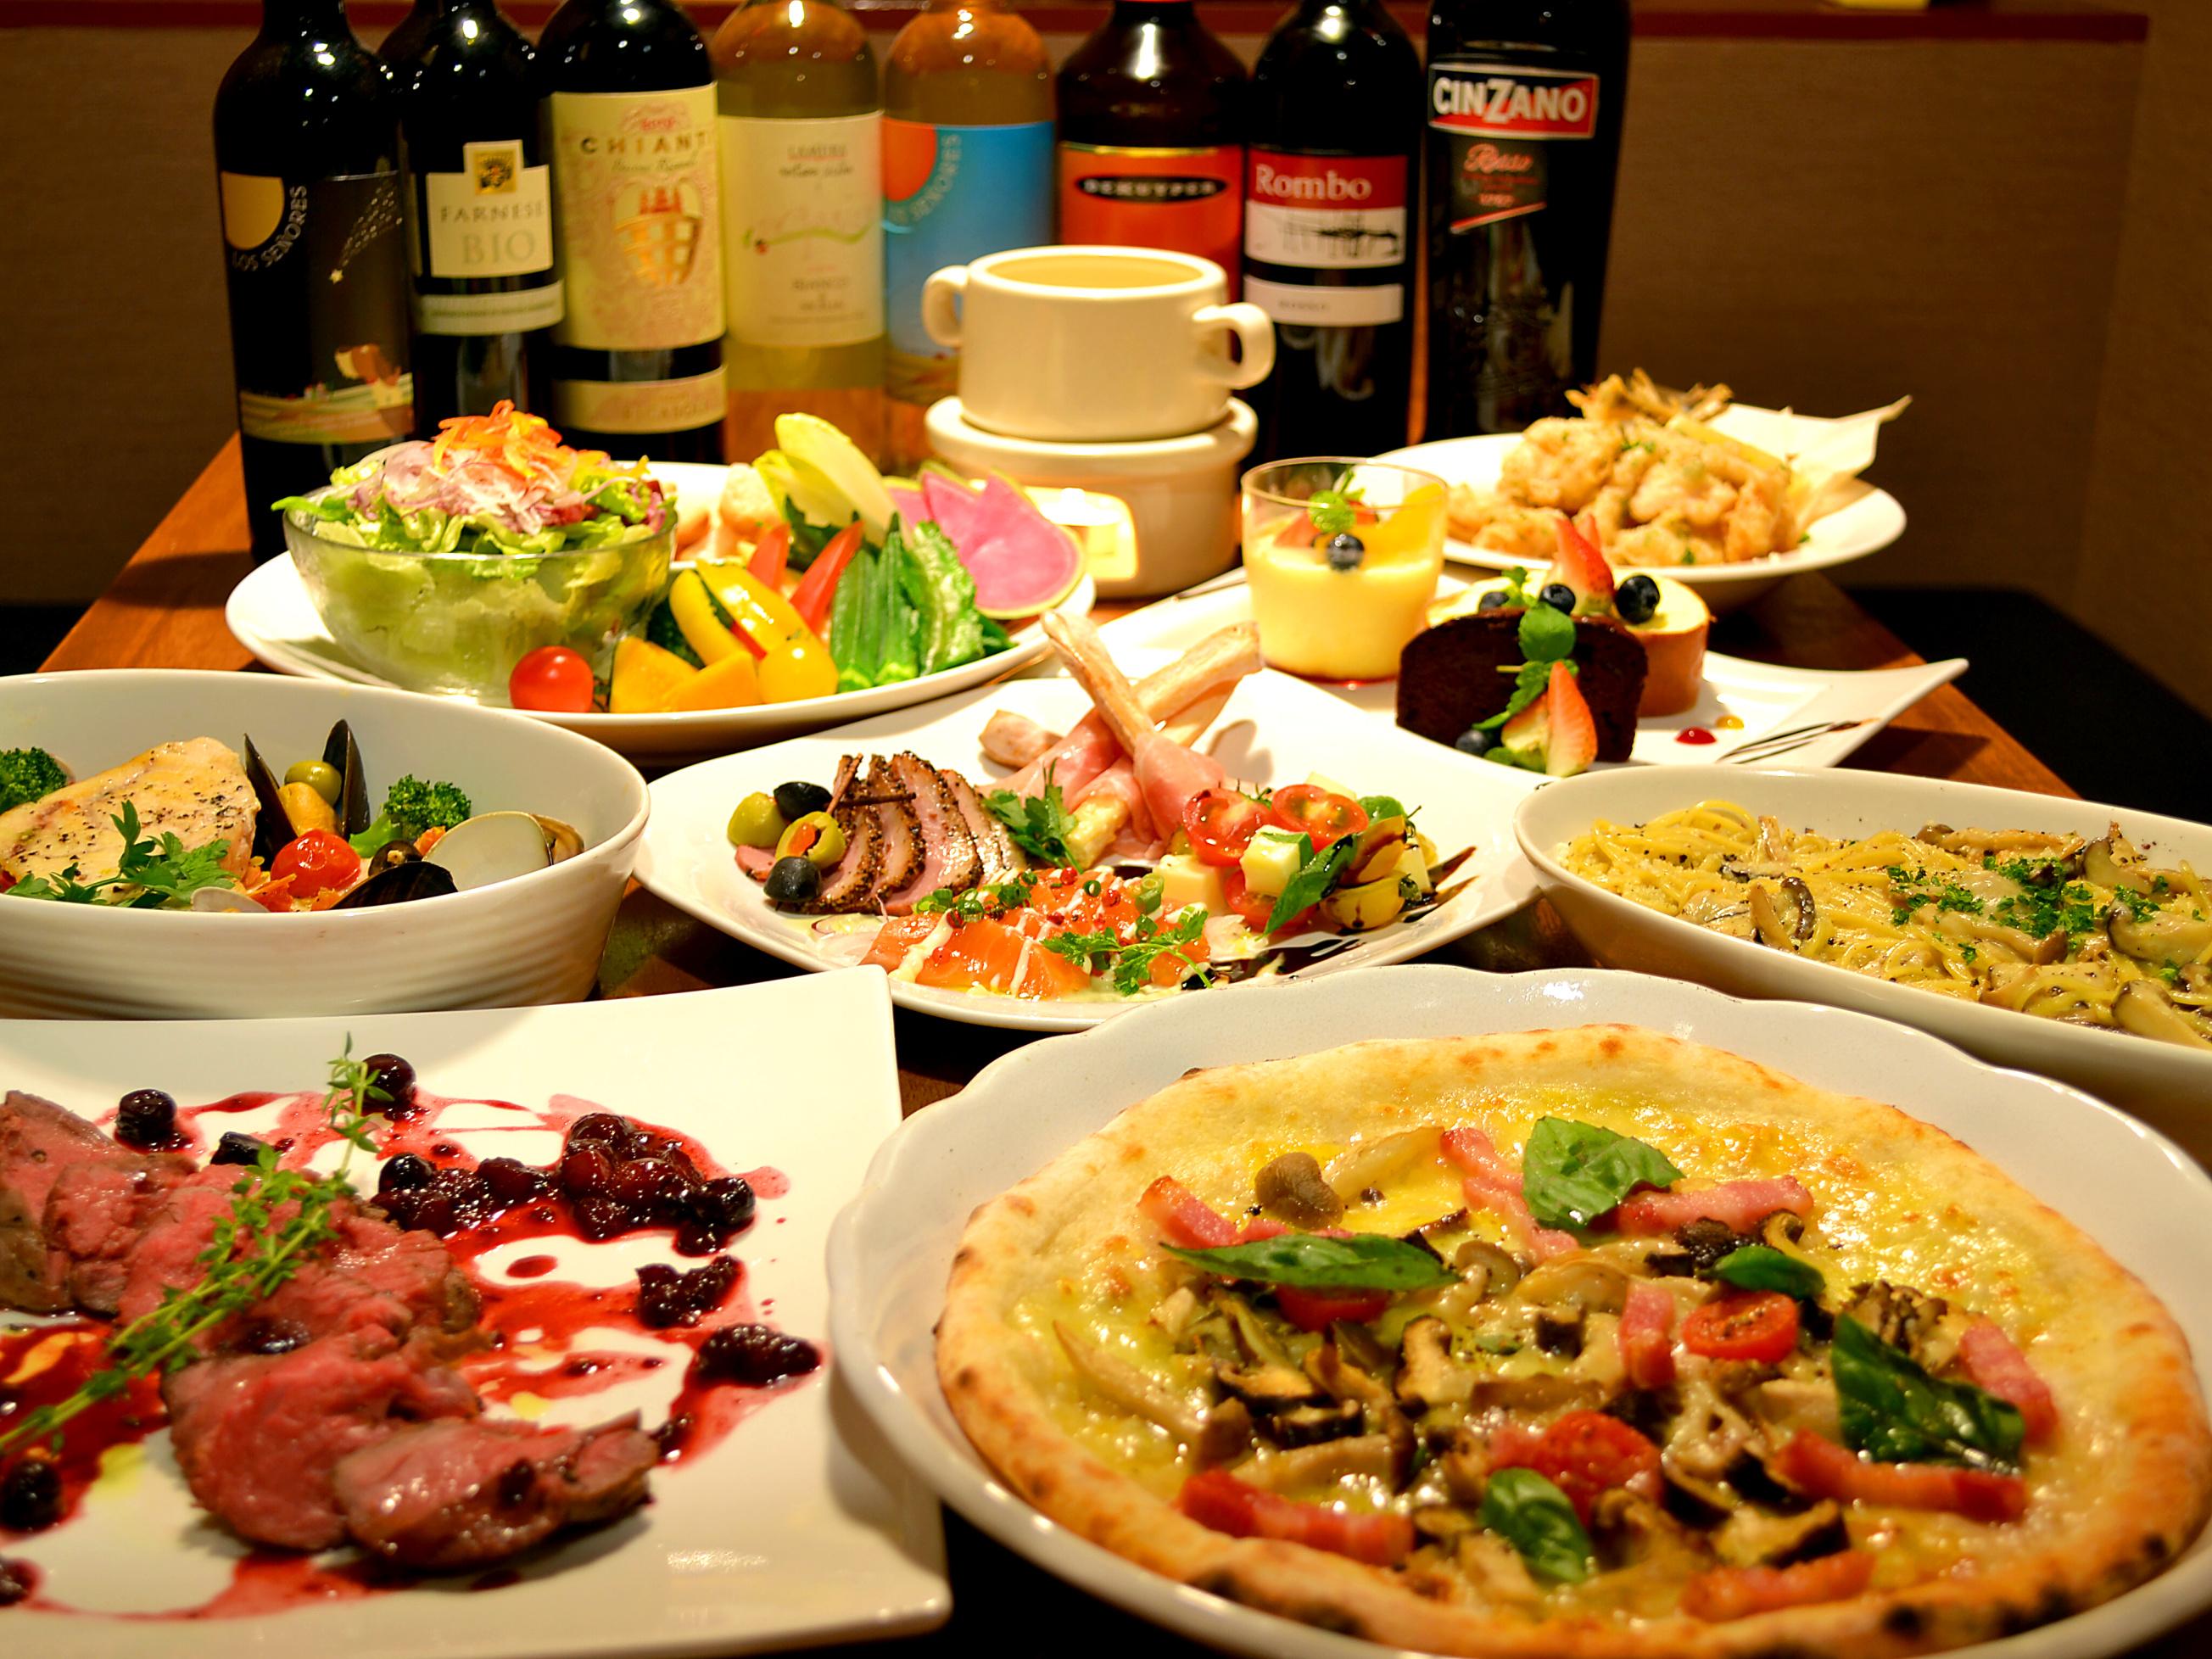 おいしい!楽しい!みんな大好き!イタリアンの食べ放題店6選♡のサムネイル画像